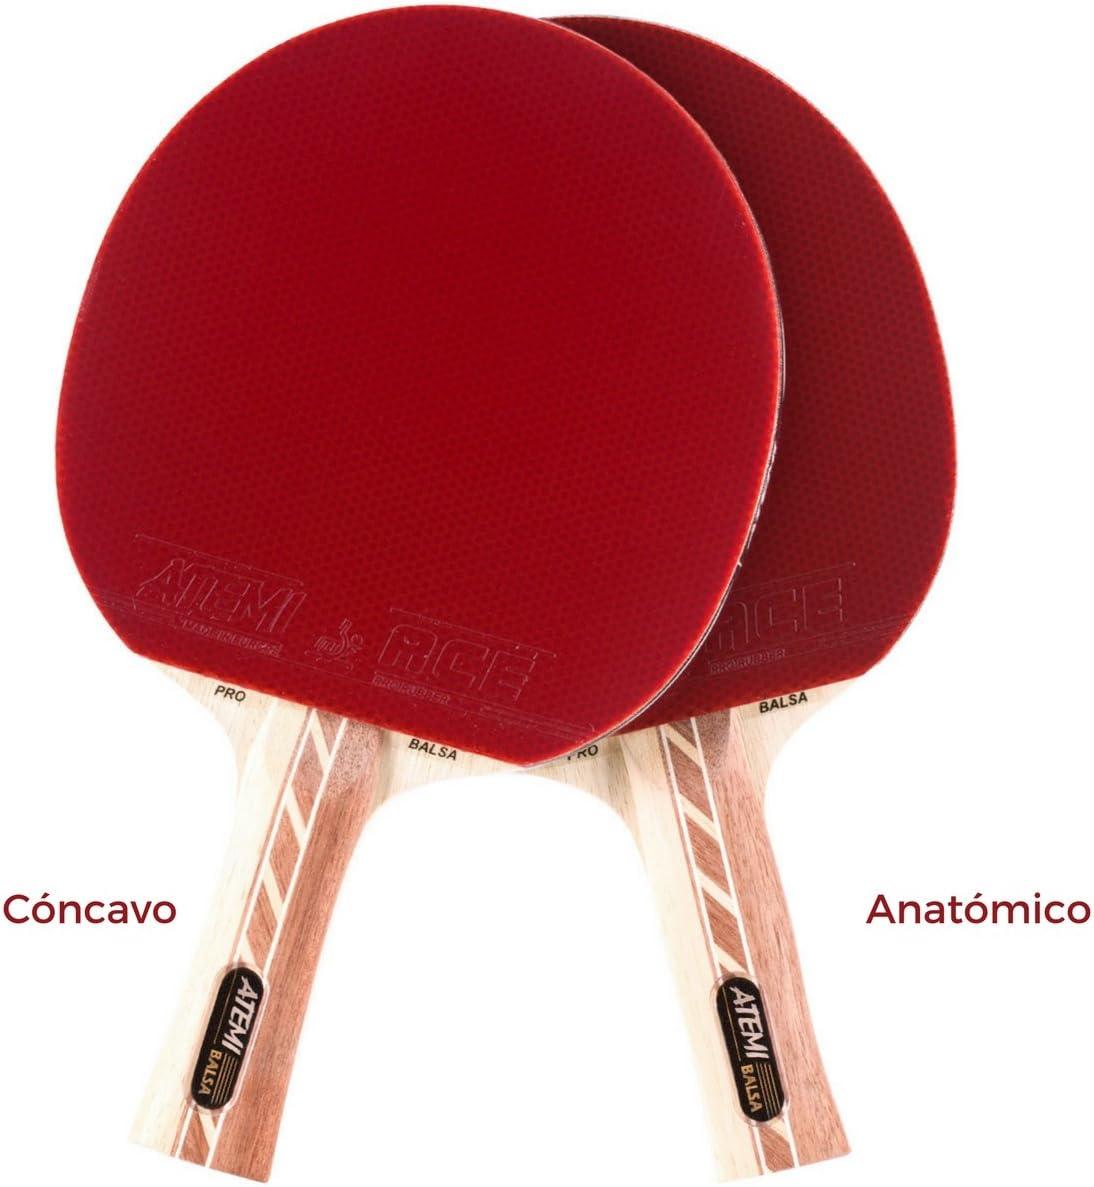 Atemi Pala de Ping Pong 4000 Principiante y Profesional Madera de Balsa Caucho de Competenci/ón Control Velocidad Rotaci/ón Mejorados Raqueta de Tenis de Mesa Pro Ataque Off+ Madera de 5 Capas